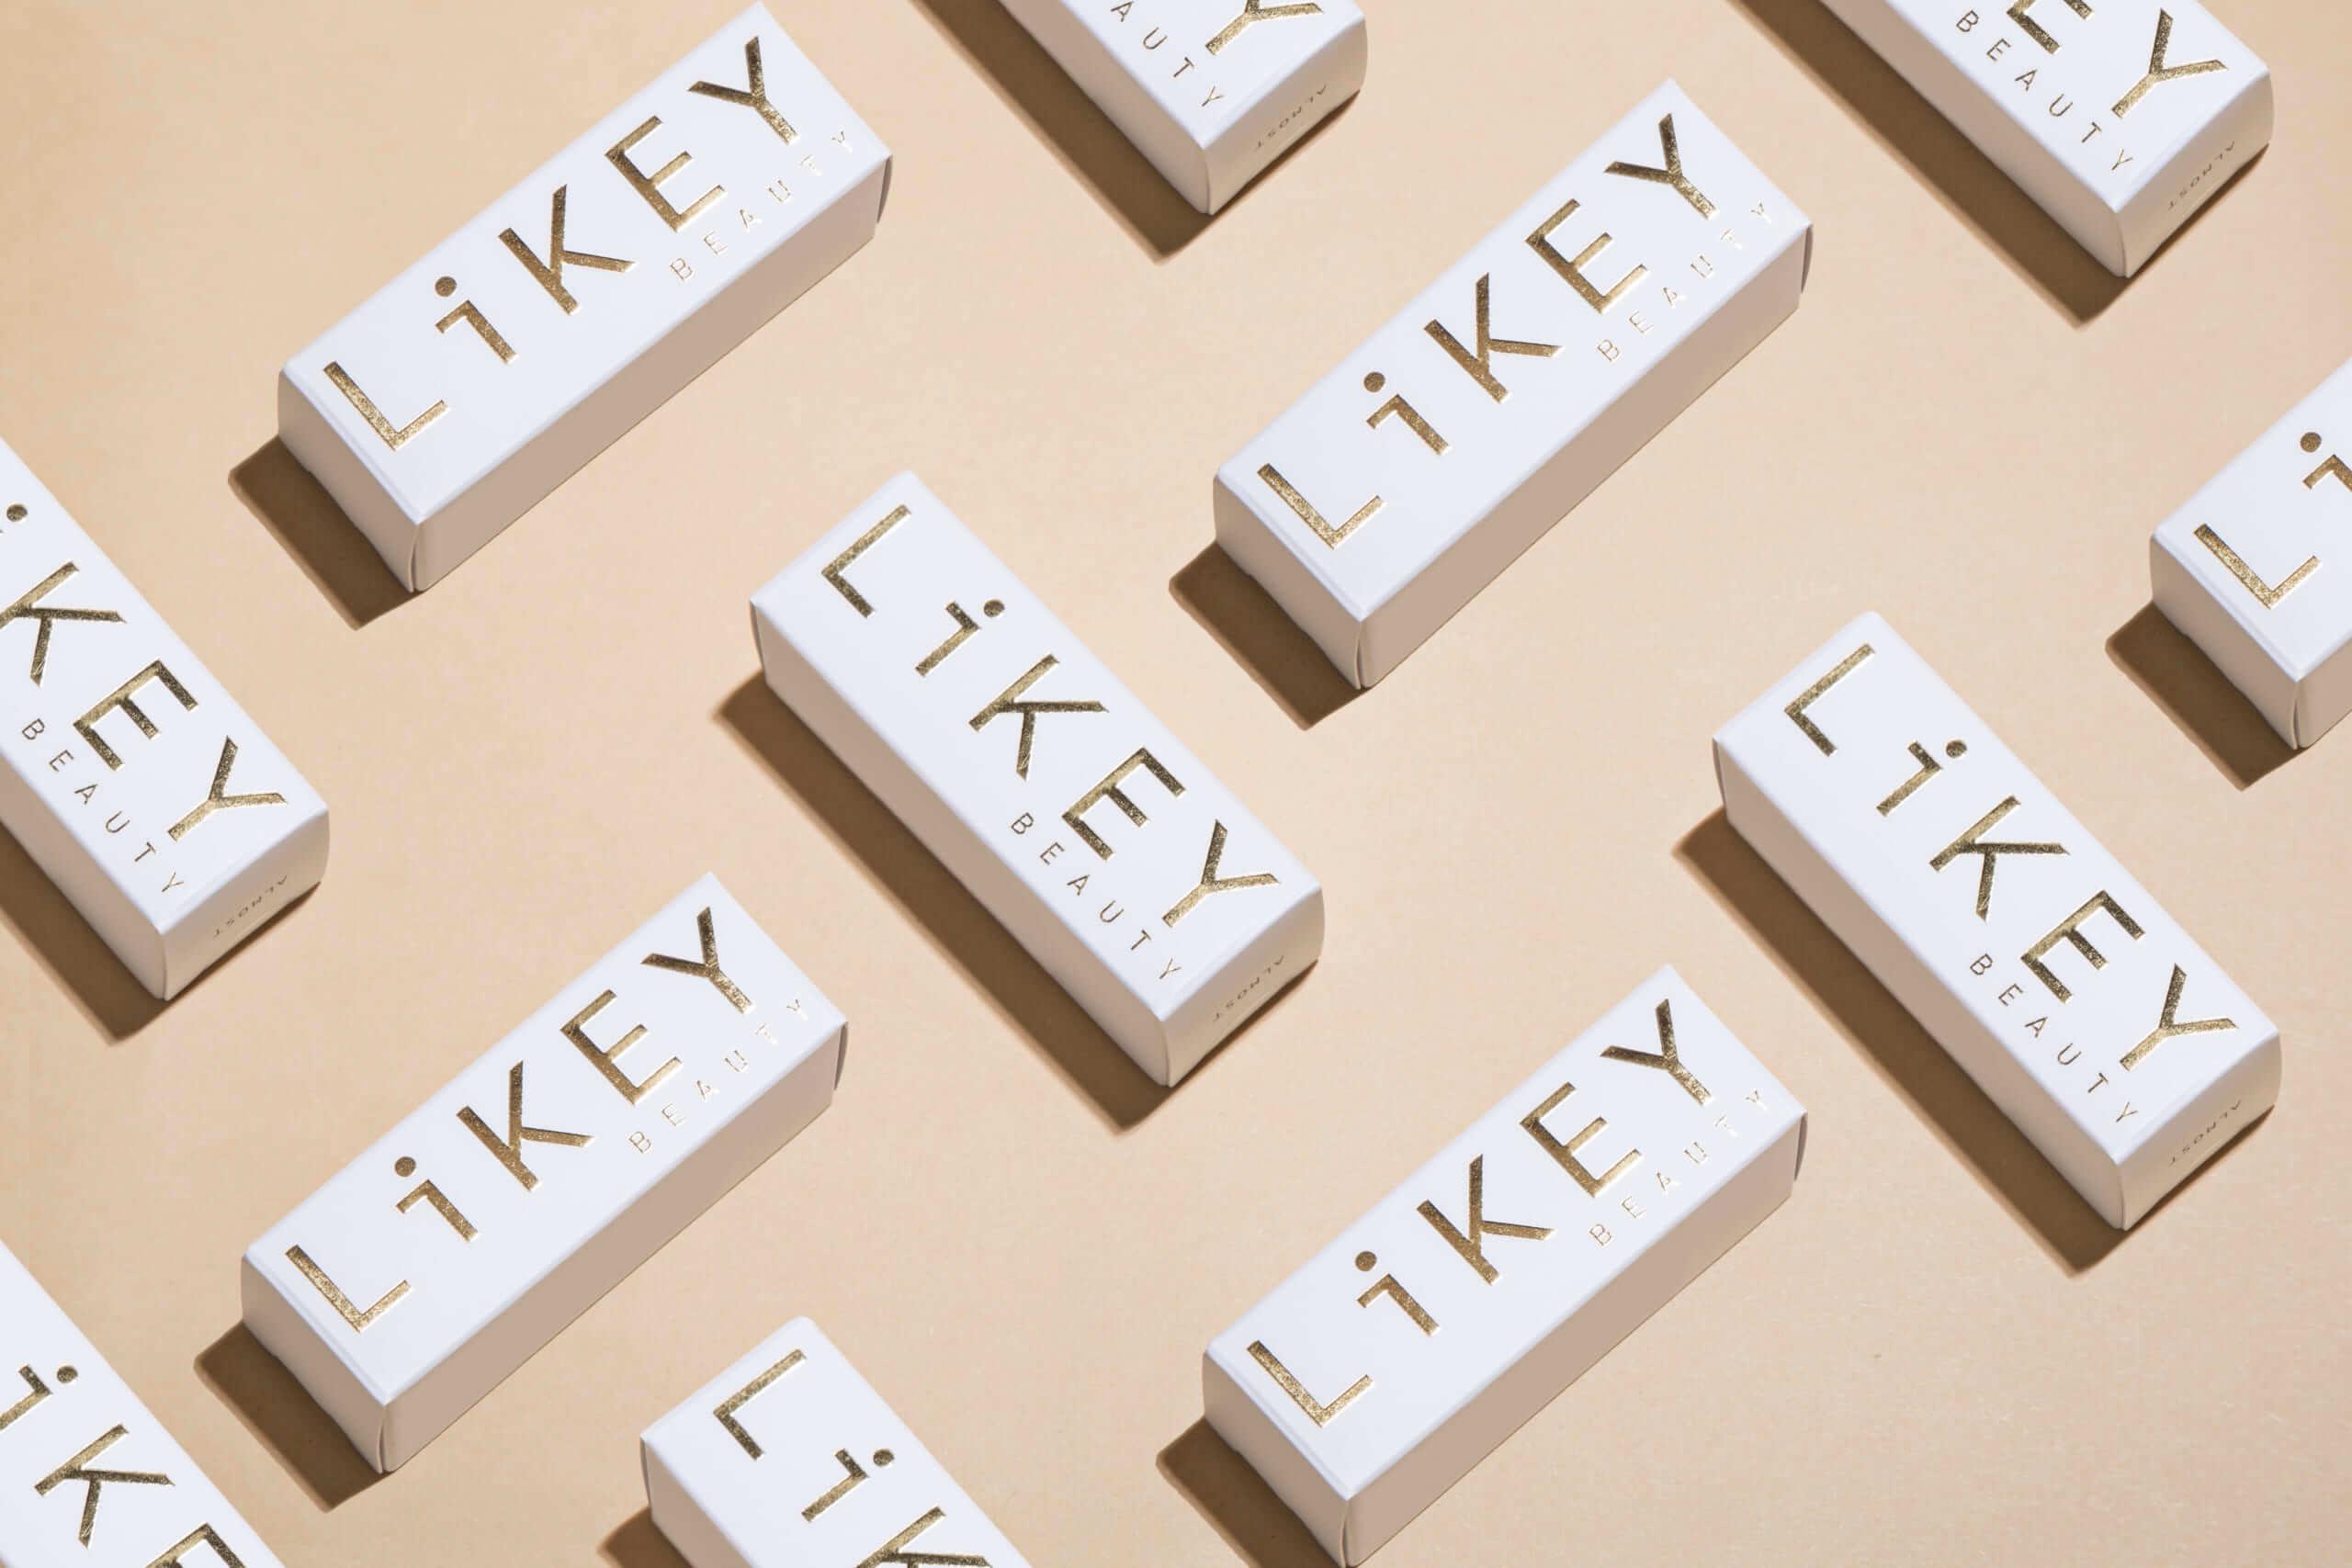 LiKEY BEAUTY(ライキービューティー)のリップのパッケージ